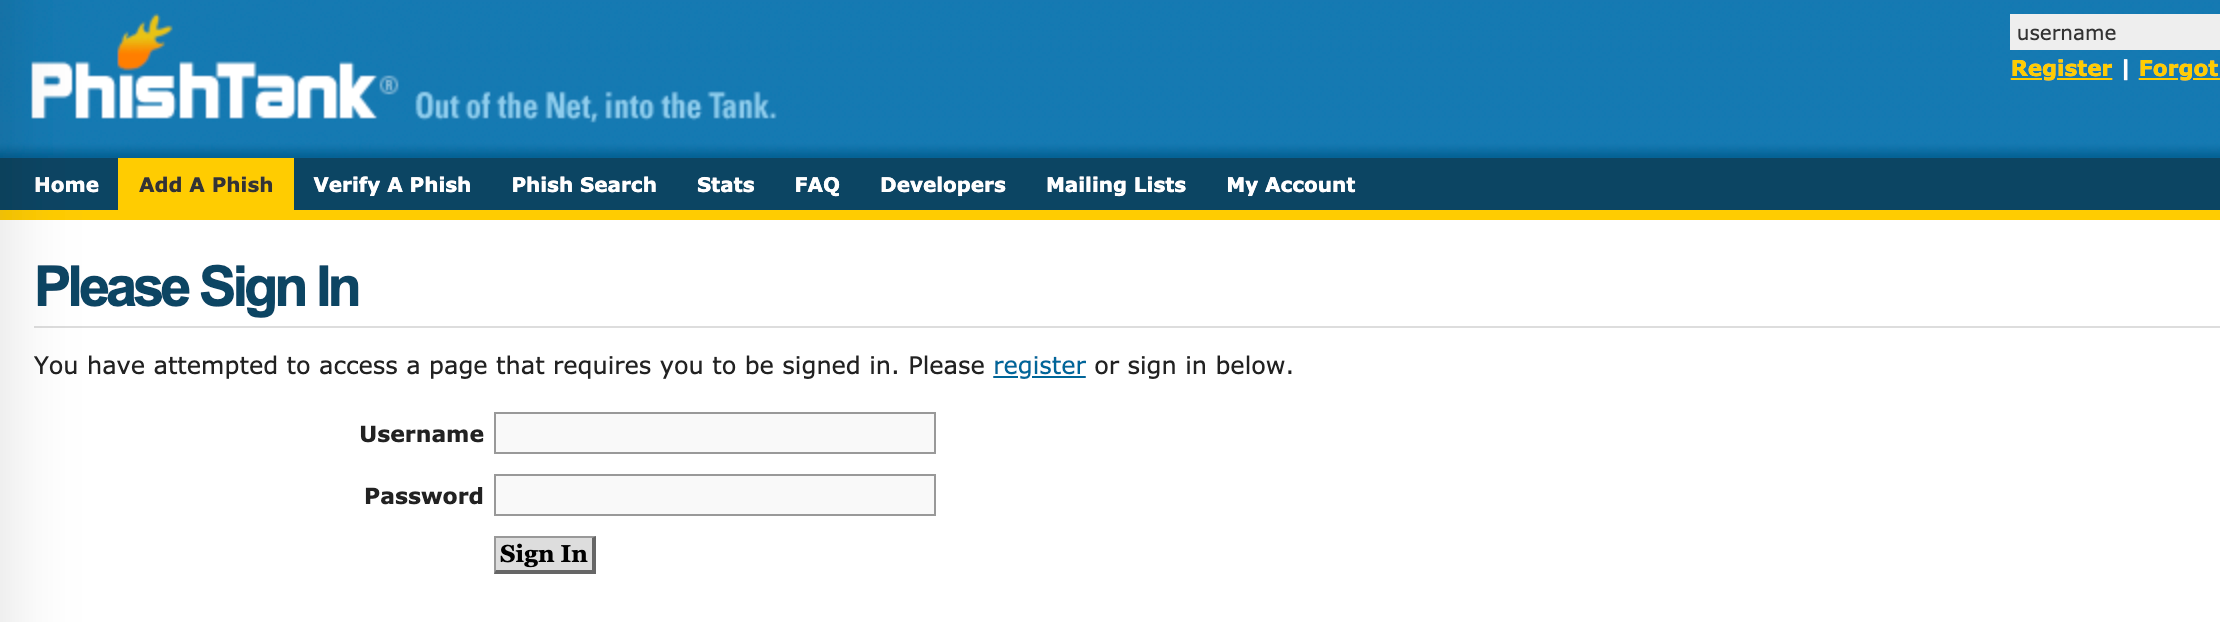 PhishTank_Sign In.png